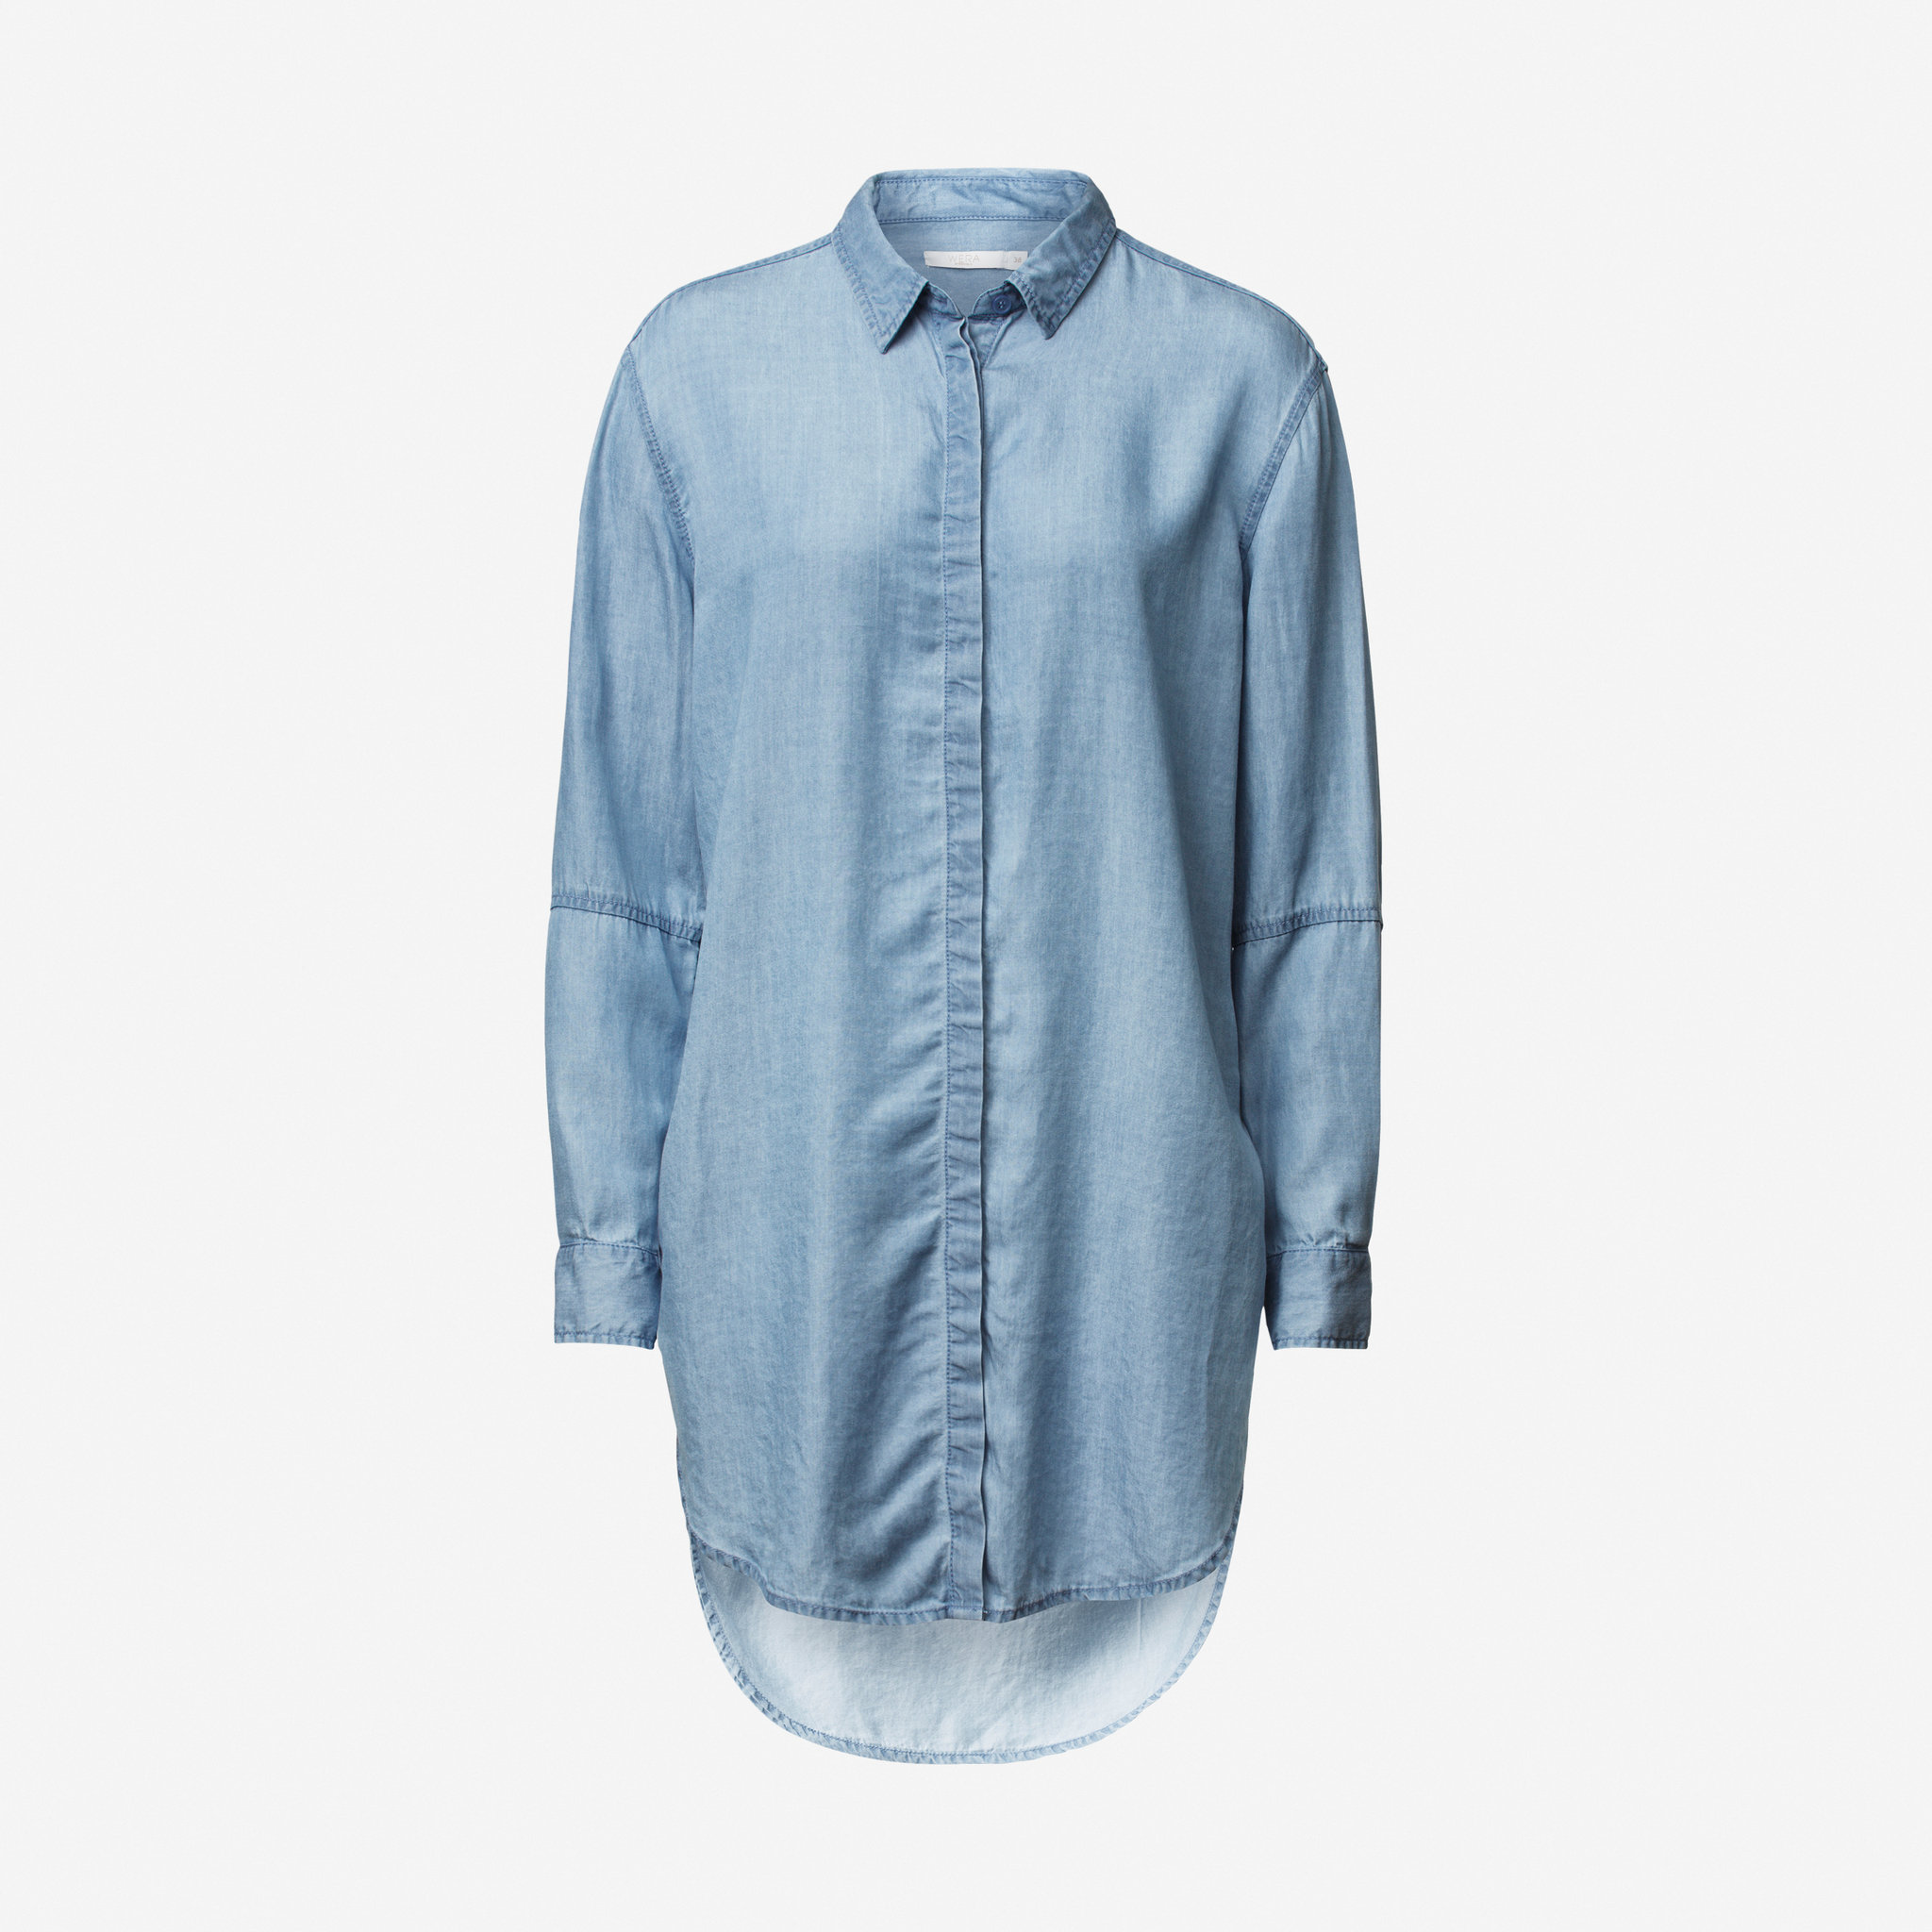 Jeansskjorta - Blusar   skjortor - Köp online på åhlens.se! dc6fd184a9644